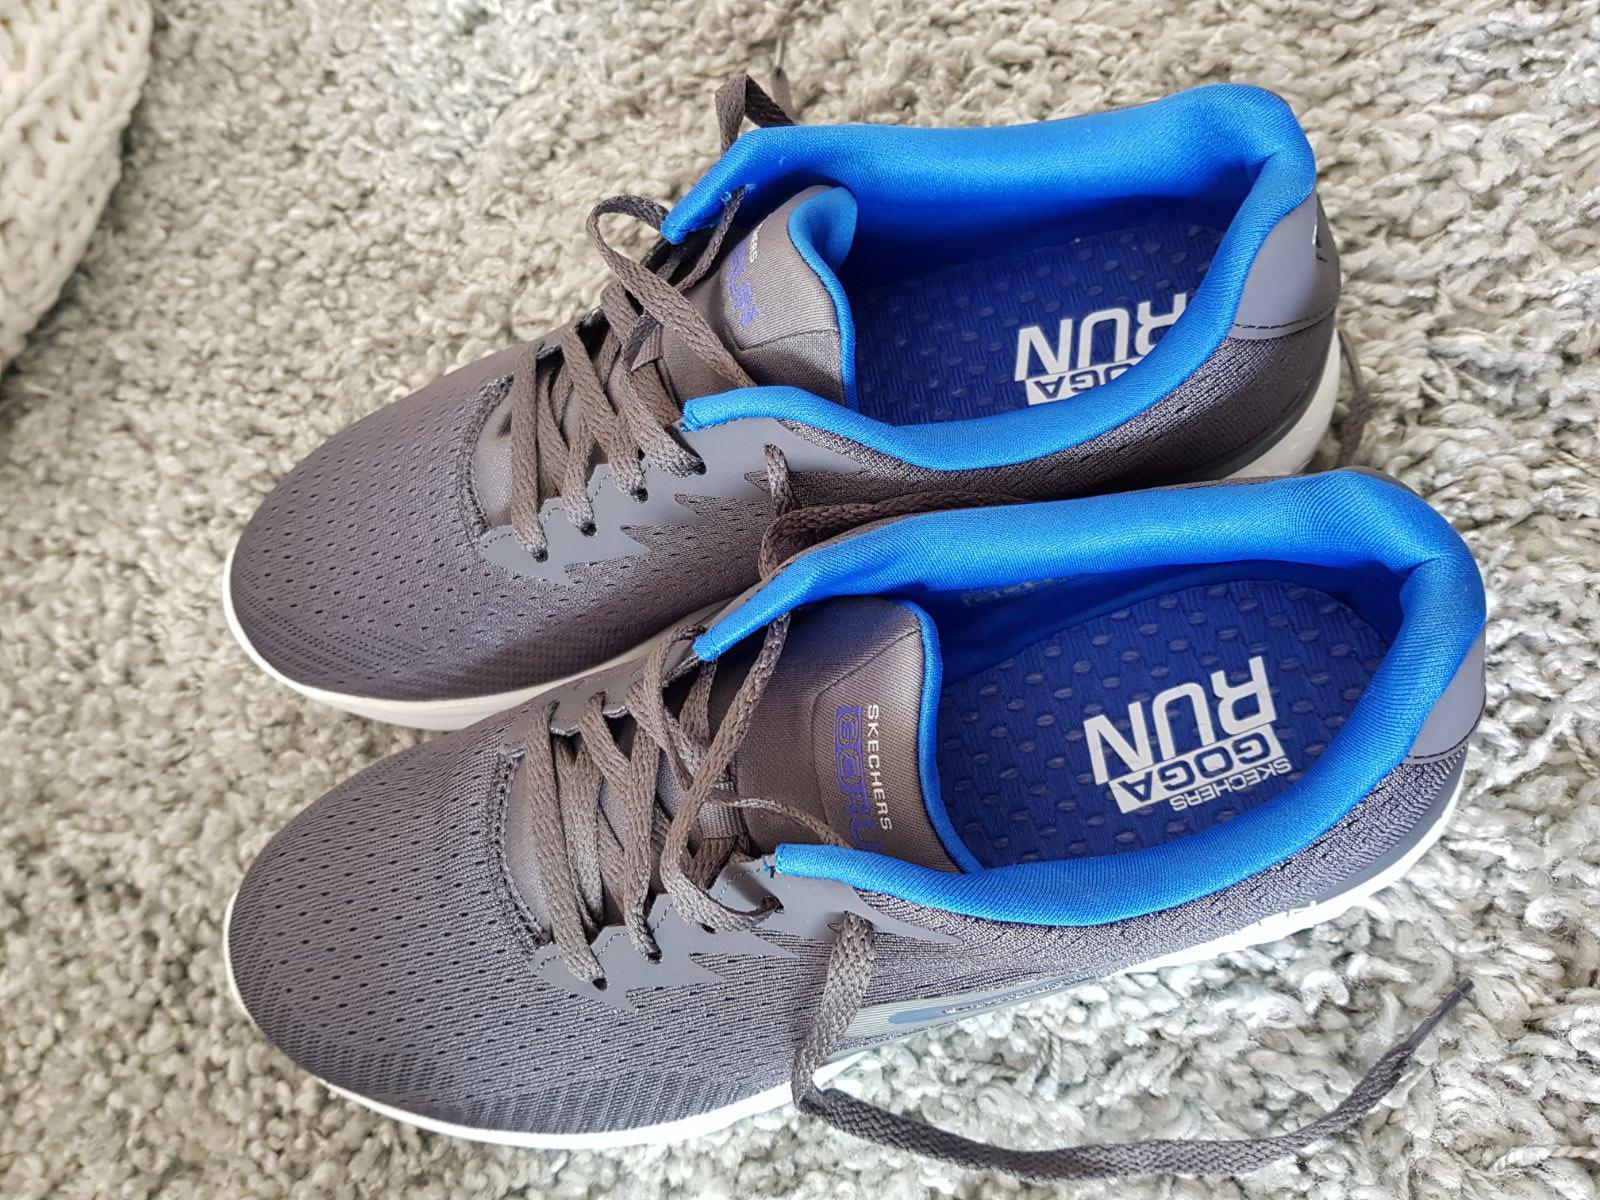 Schoenen voor de Roparun